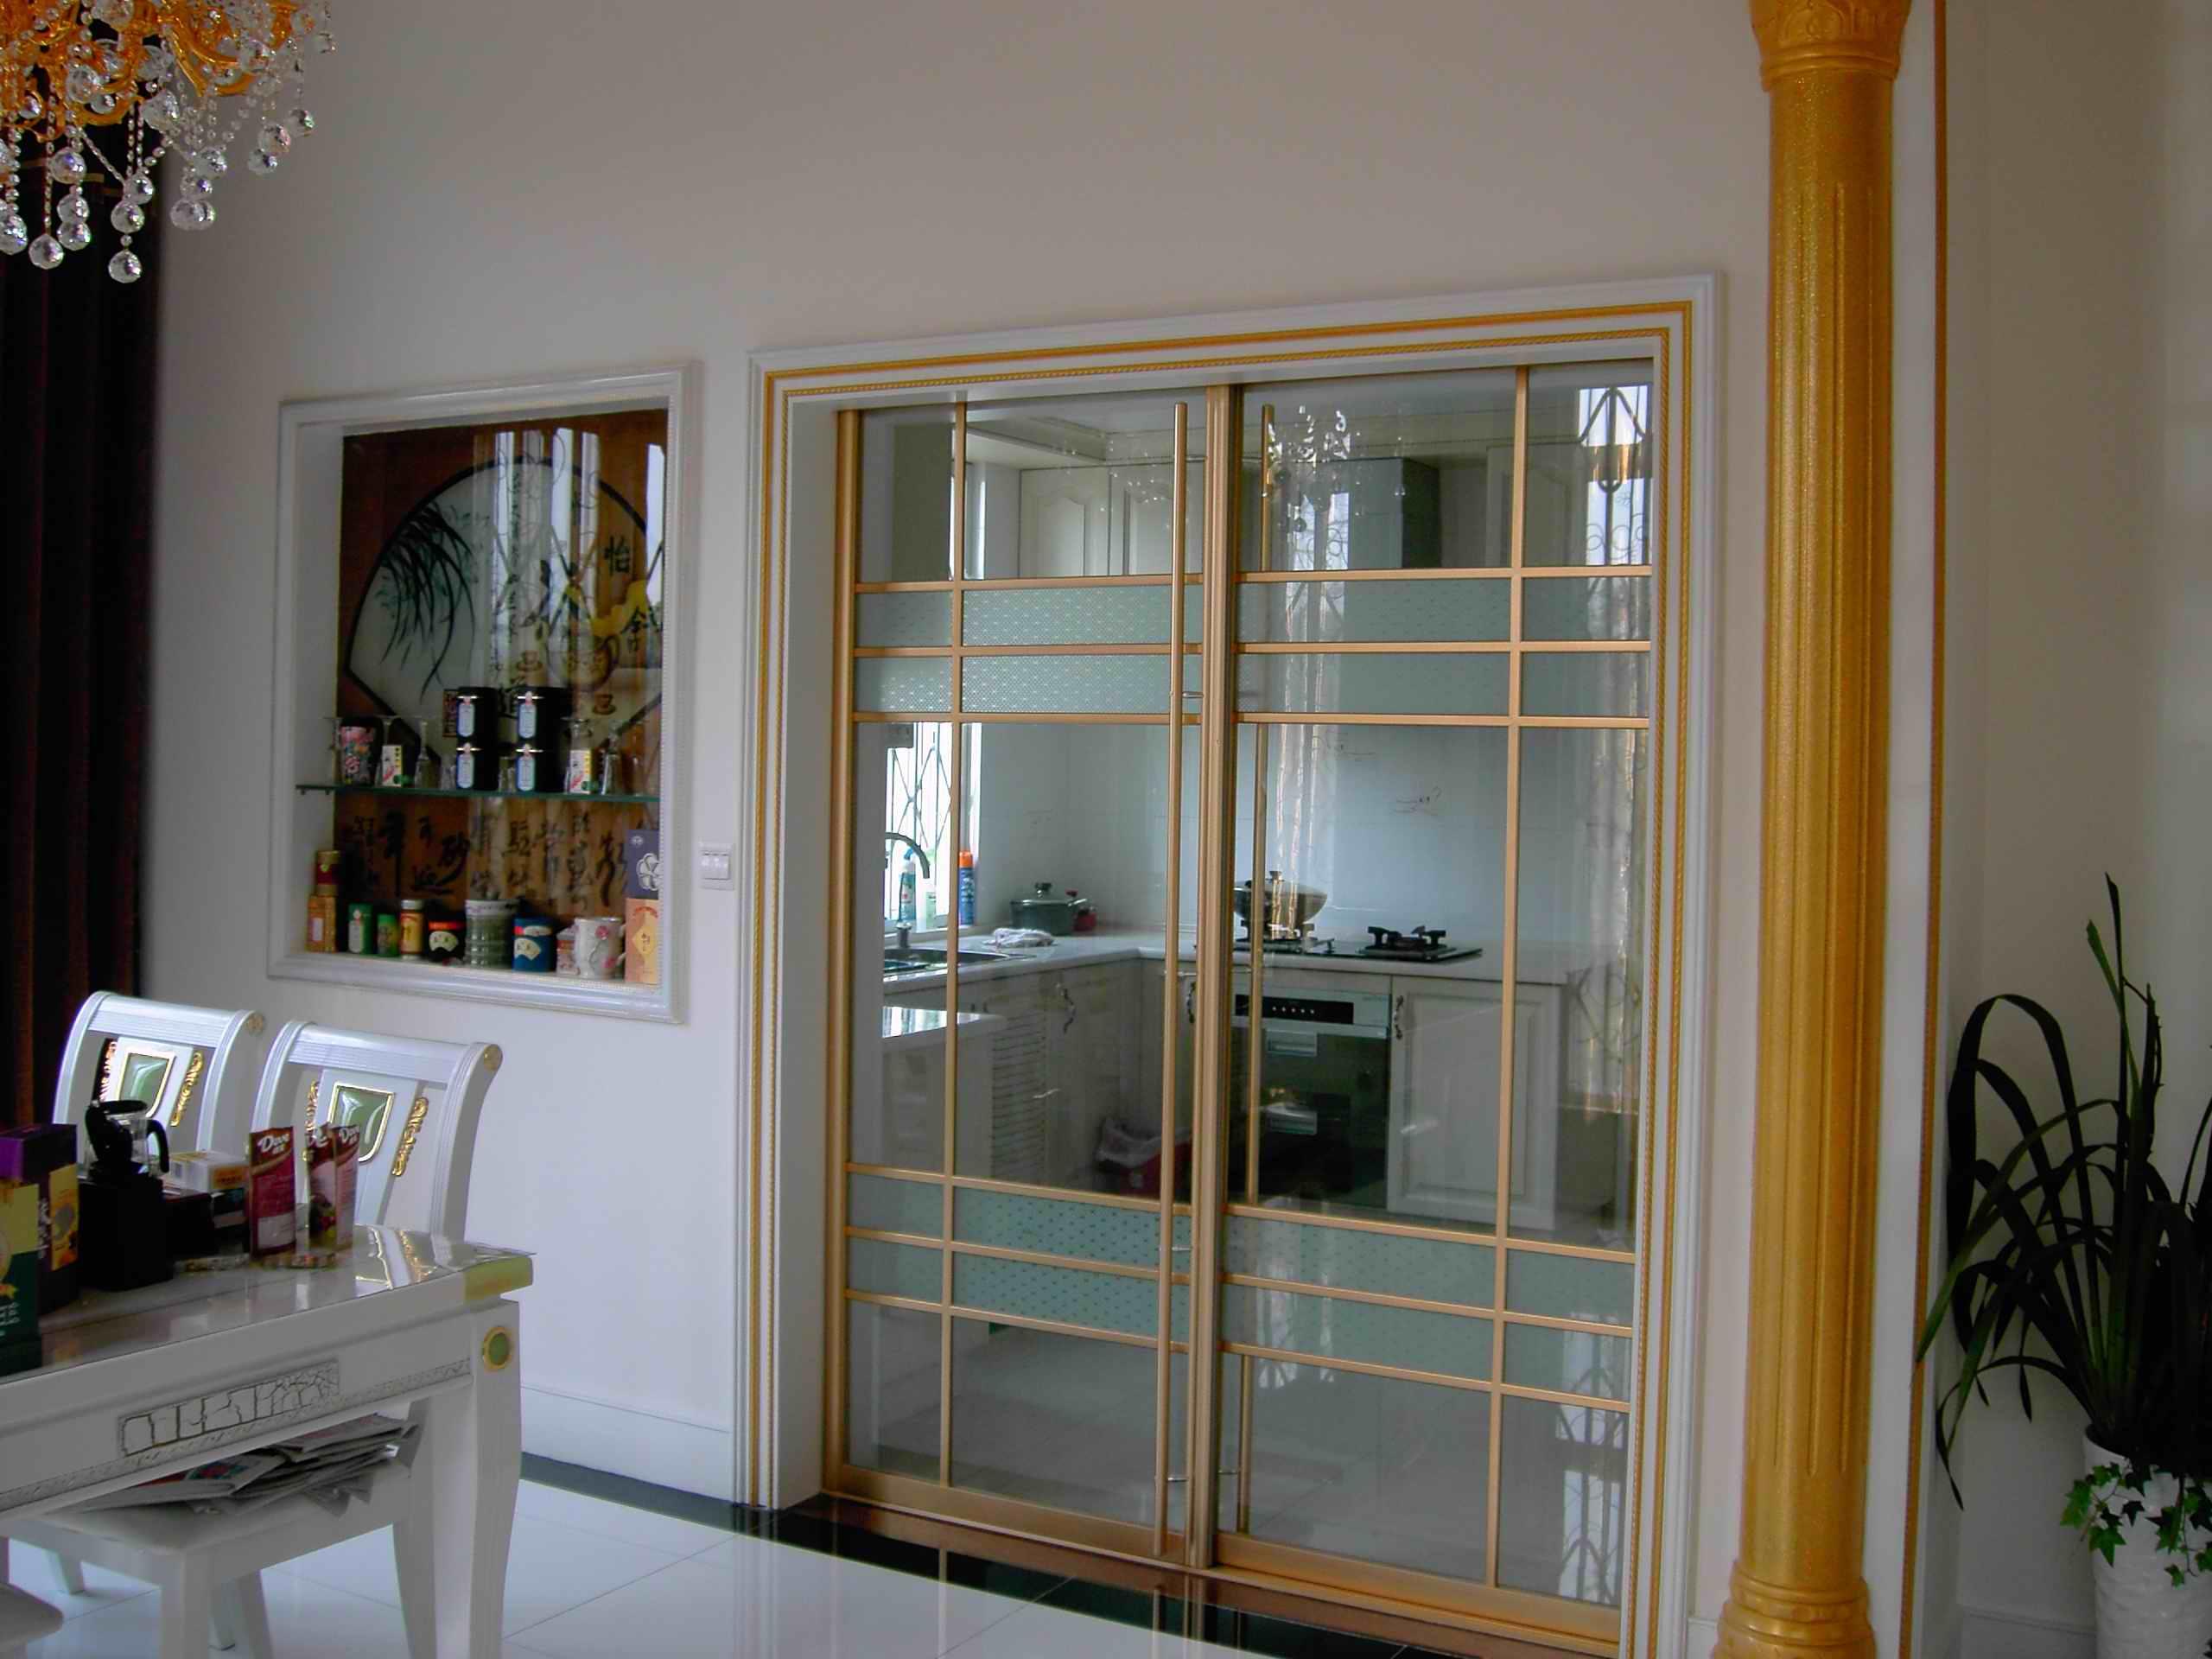 有種廚房門設計叫別人家的設計 不僅好看還實用